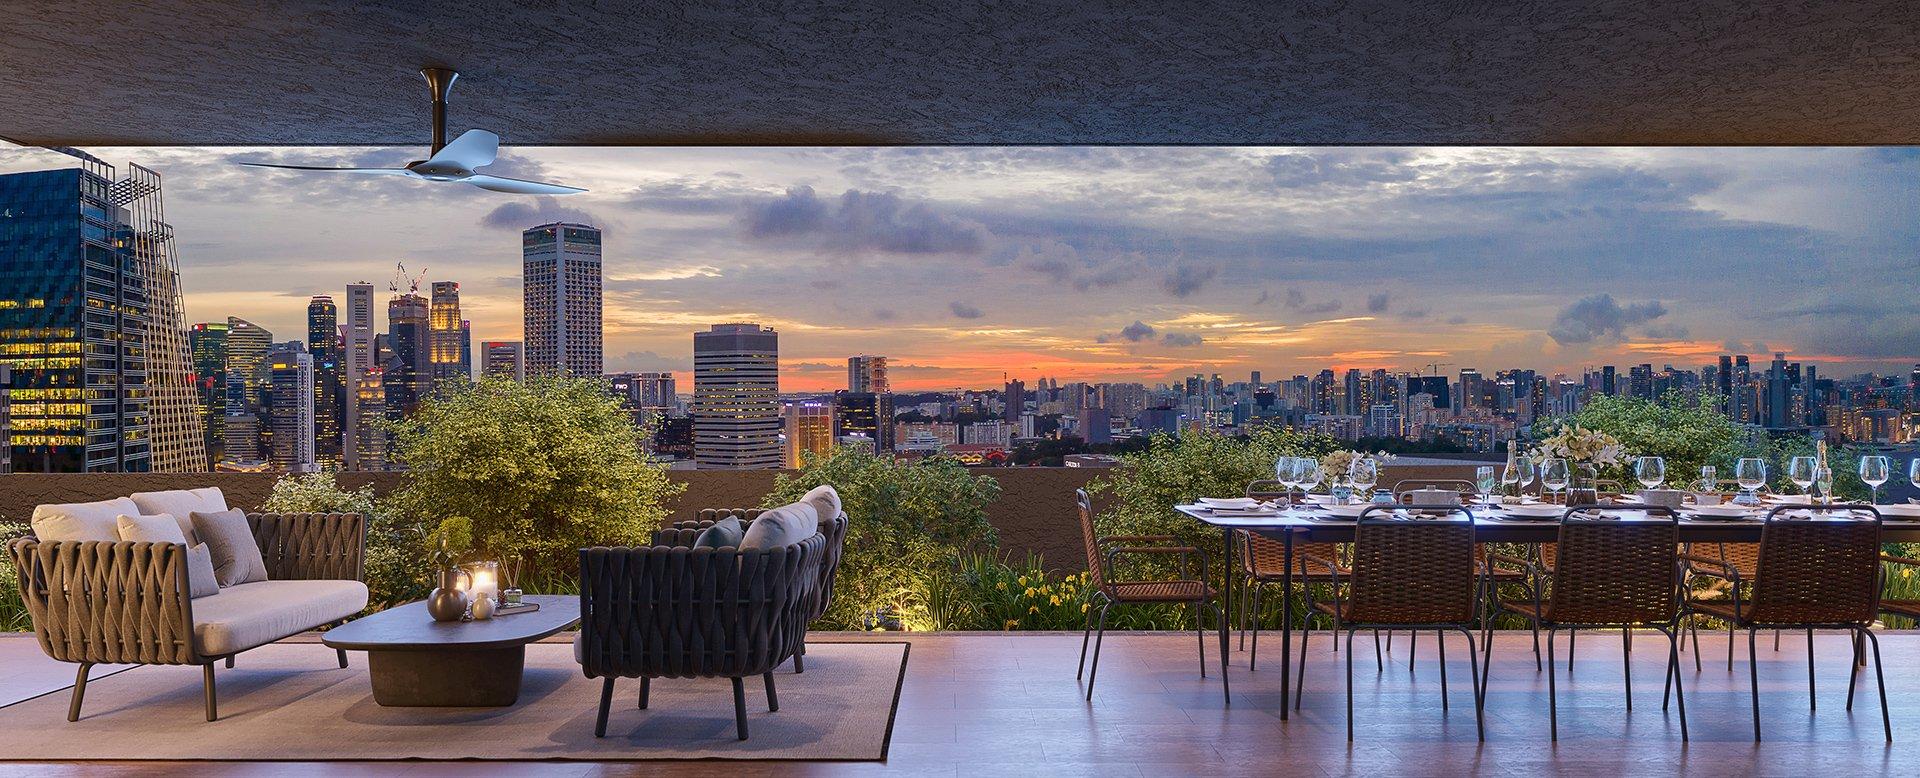 名汇庭苑: 让自然住进城市 22